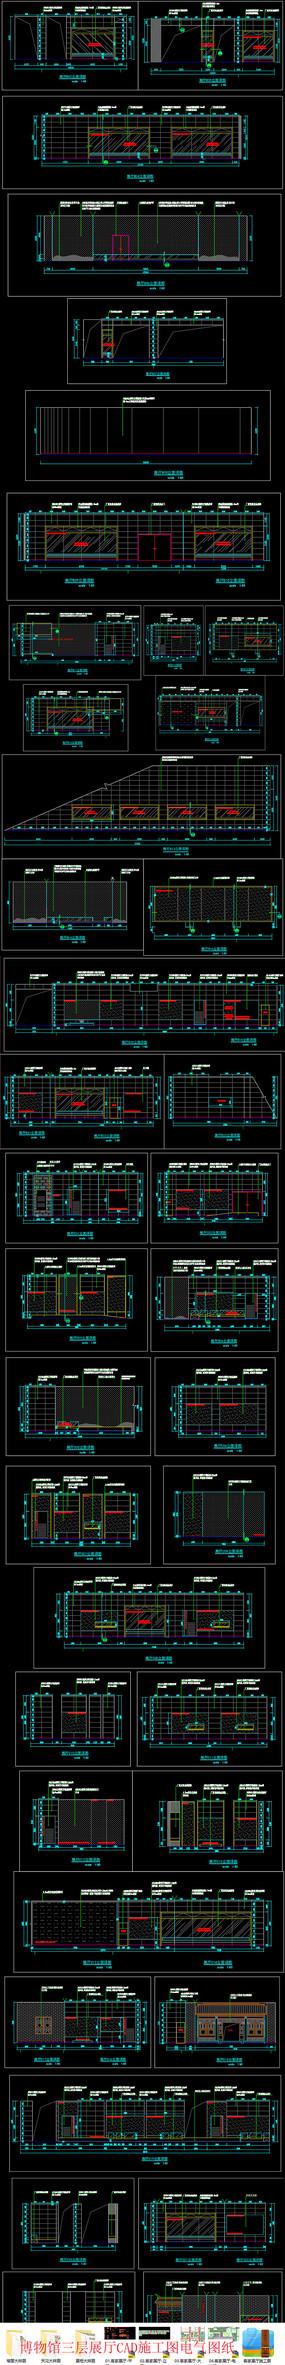 博物馆三层展厅CAD施工图电气图纸